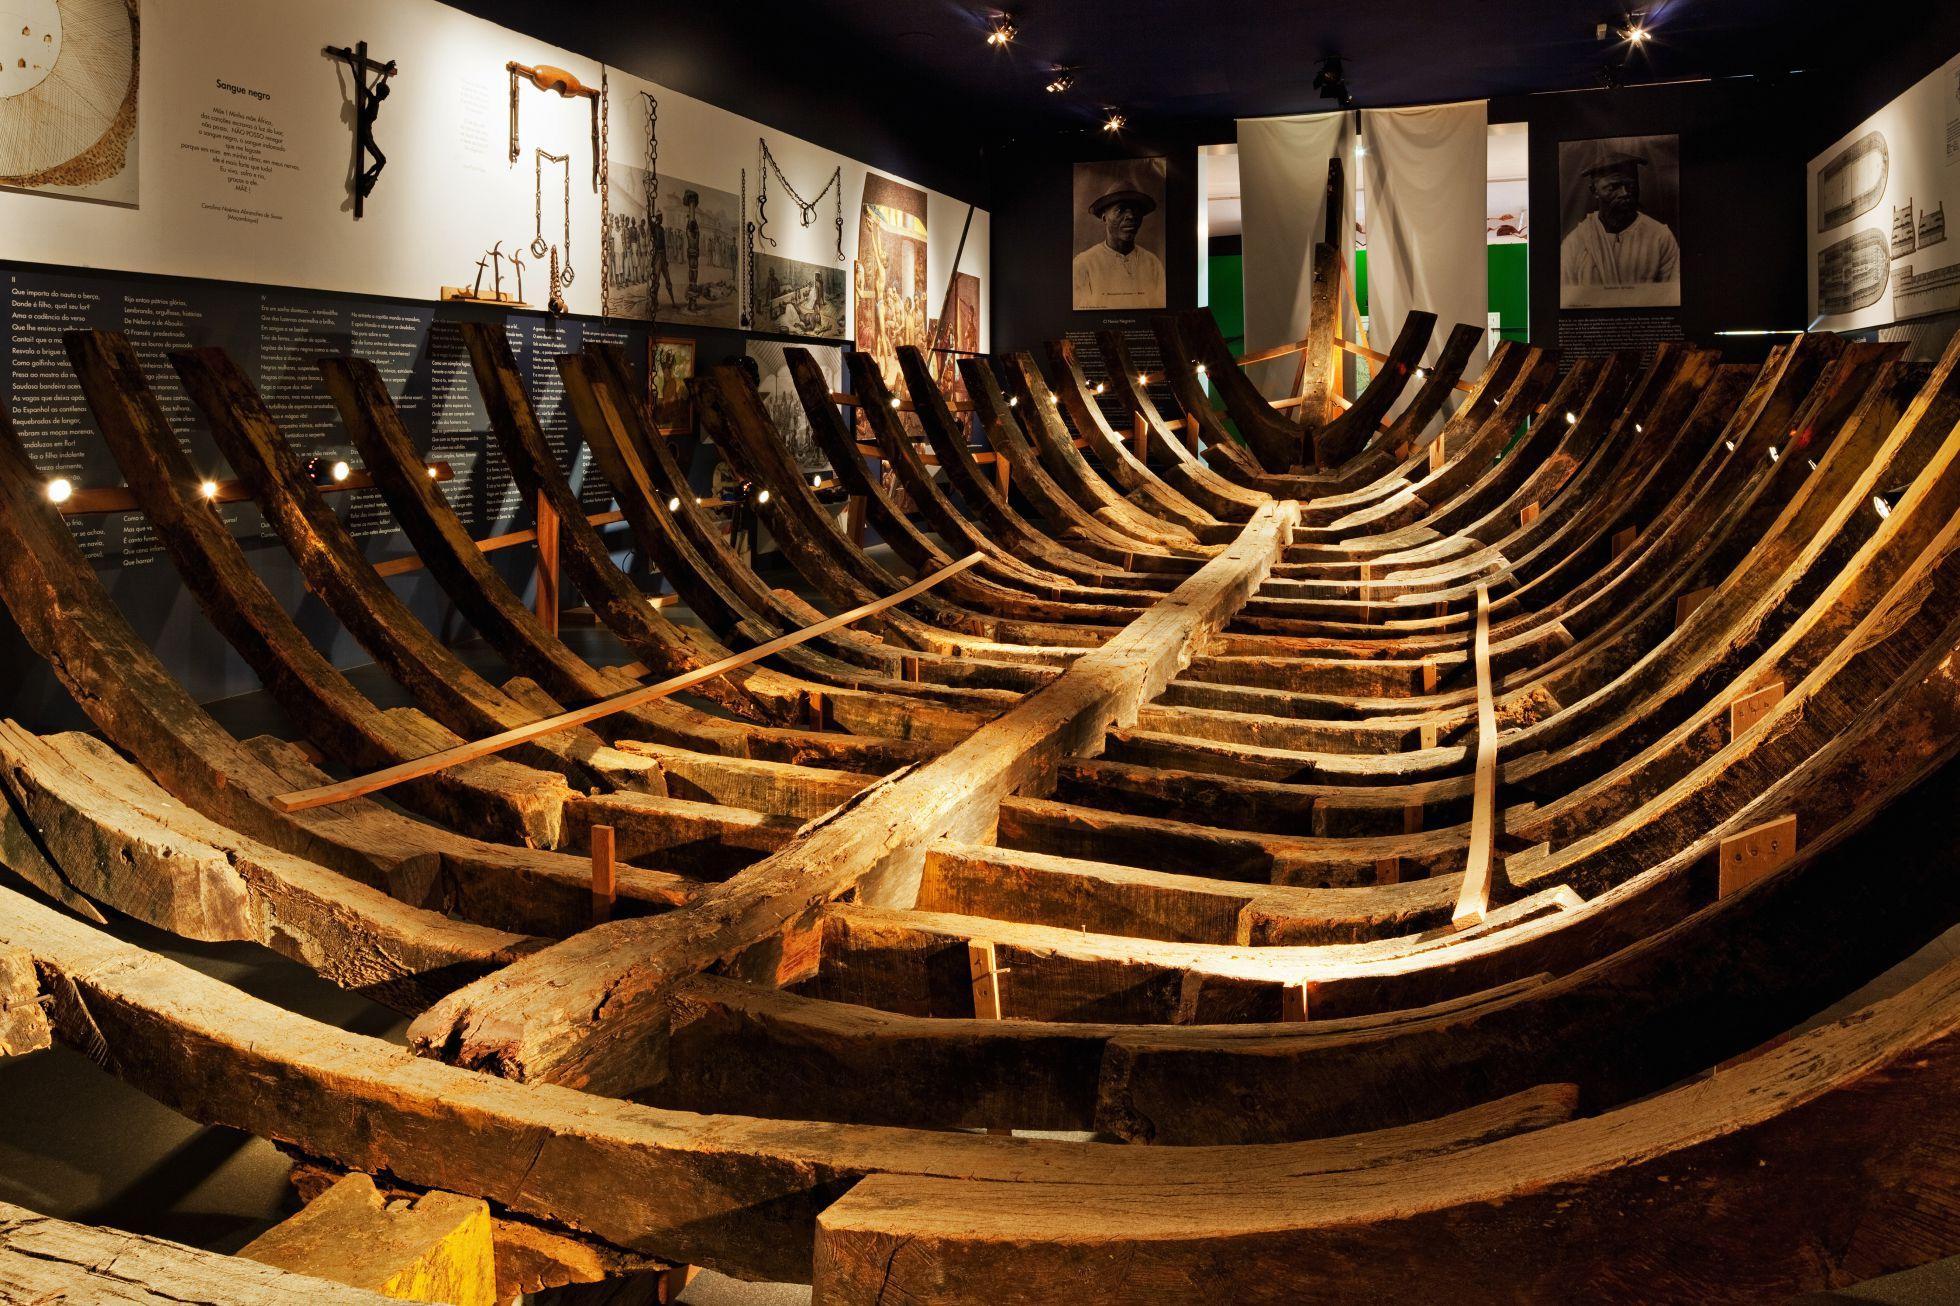 Réplica de um navio negreiro no Museu Afro de SP.